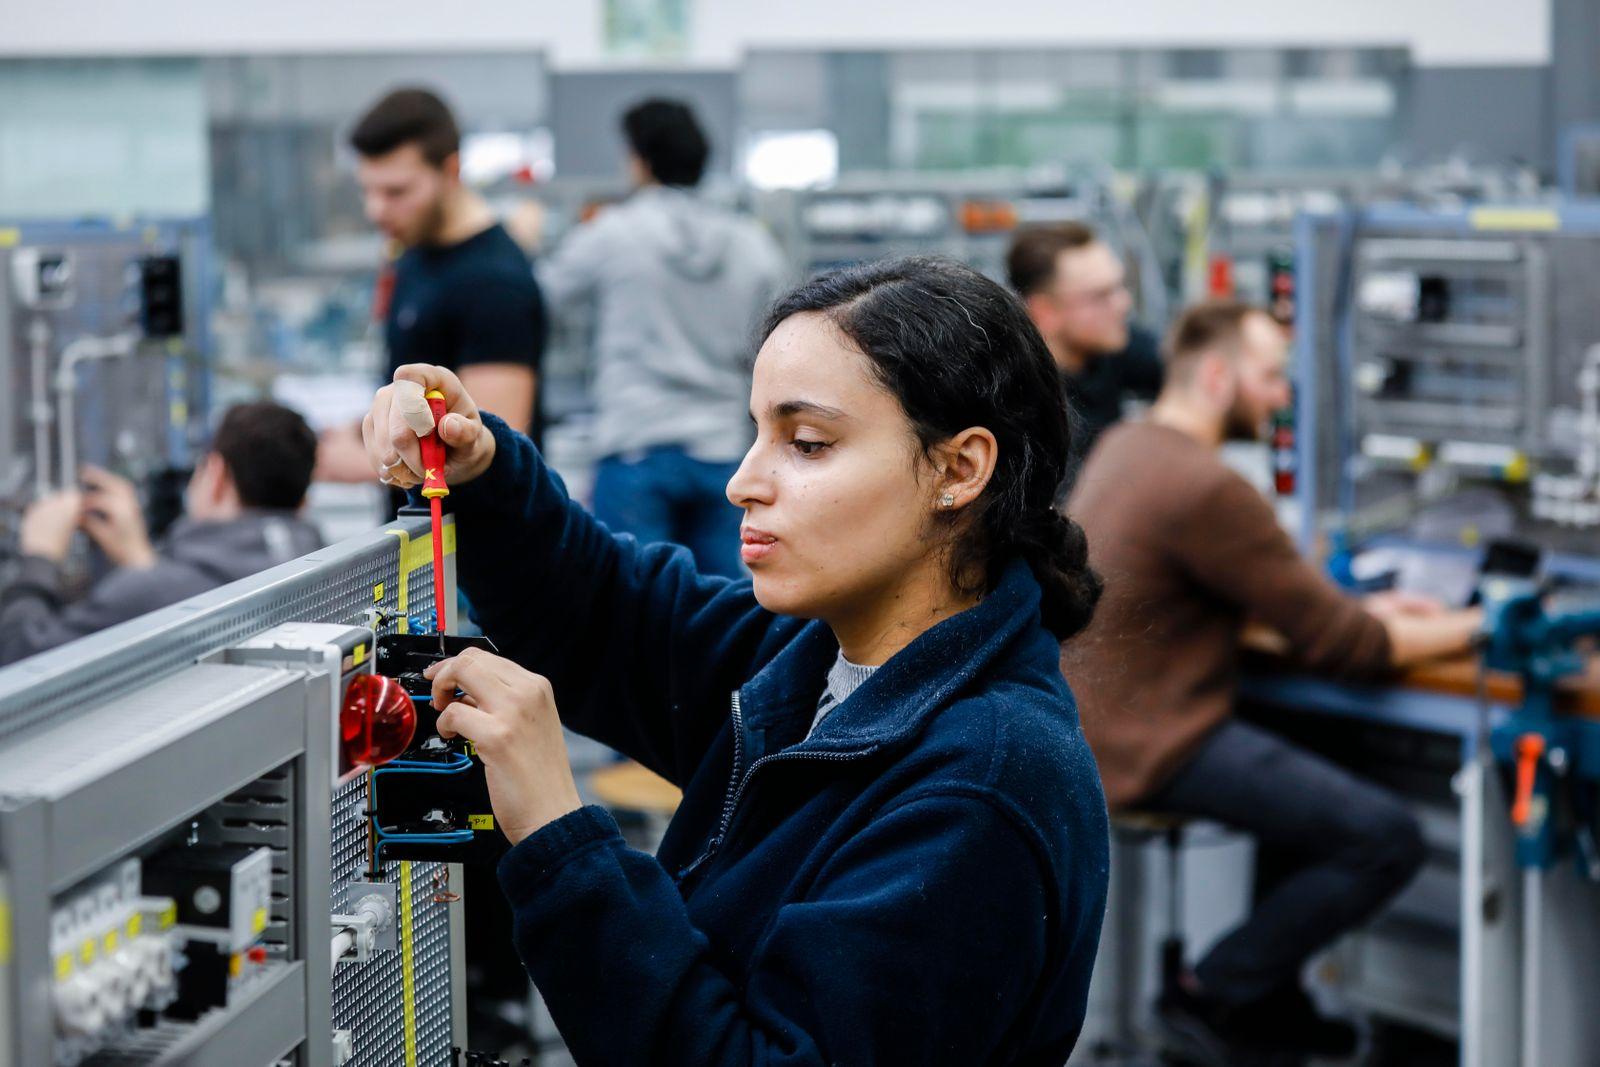 Auszubildende Frau in Elektroberufen, MINT-Berufe, Remscheid, Nordrhein-Westfalen, Deutschland